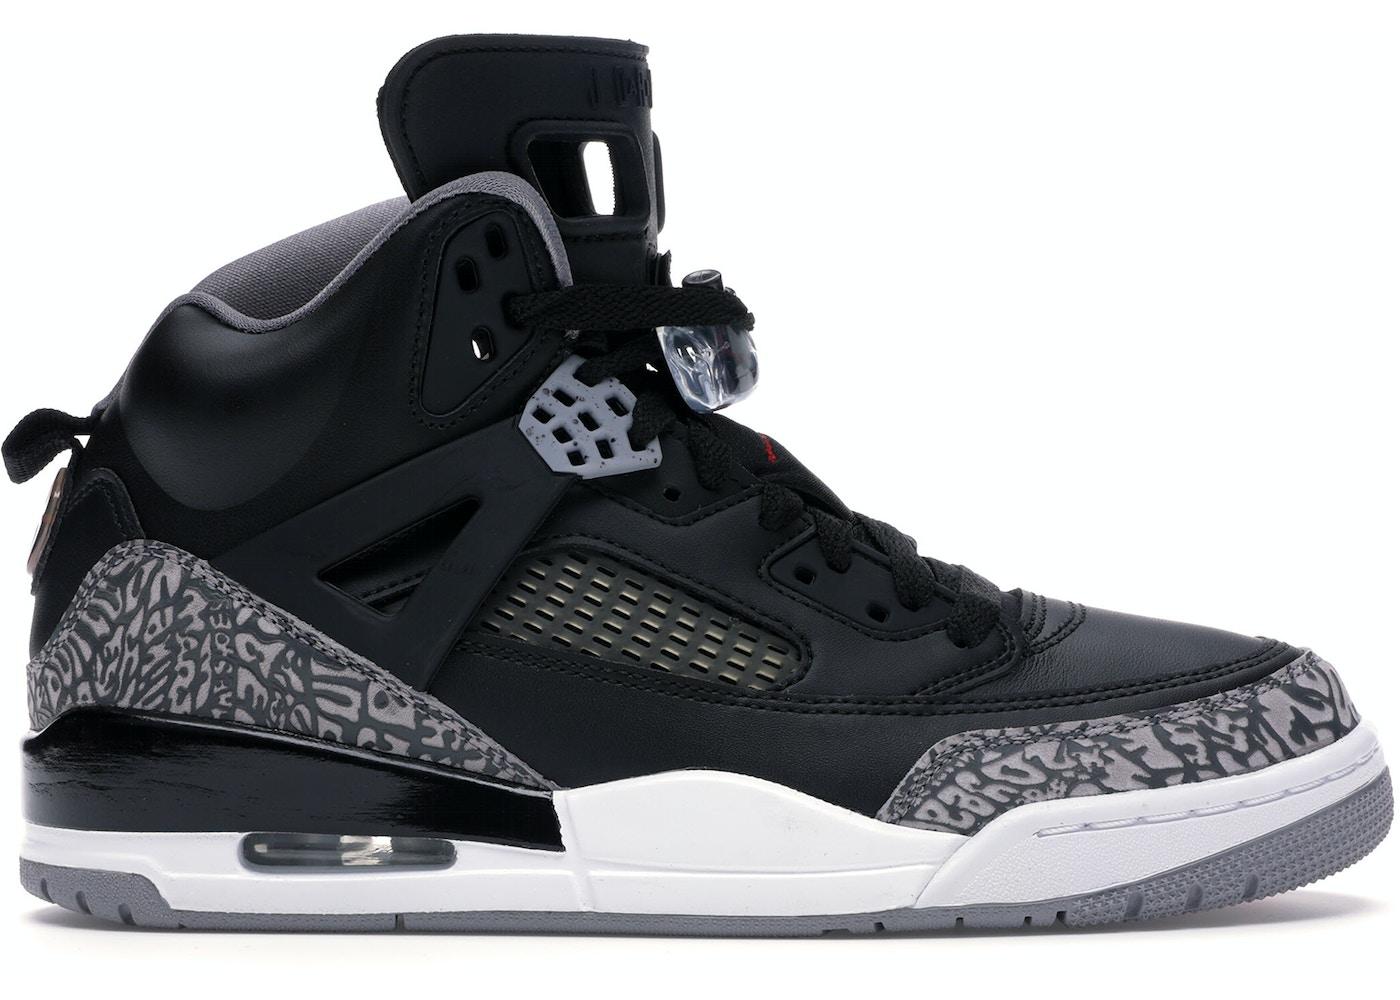 new styles 462b0 2e200 Buy Air Jordan Spizike Shoes & Deadstock Sneakers